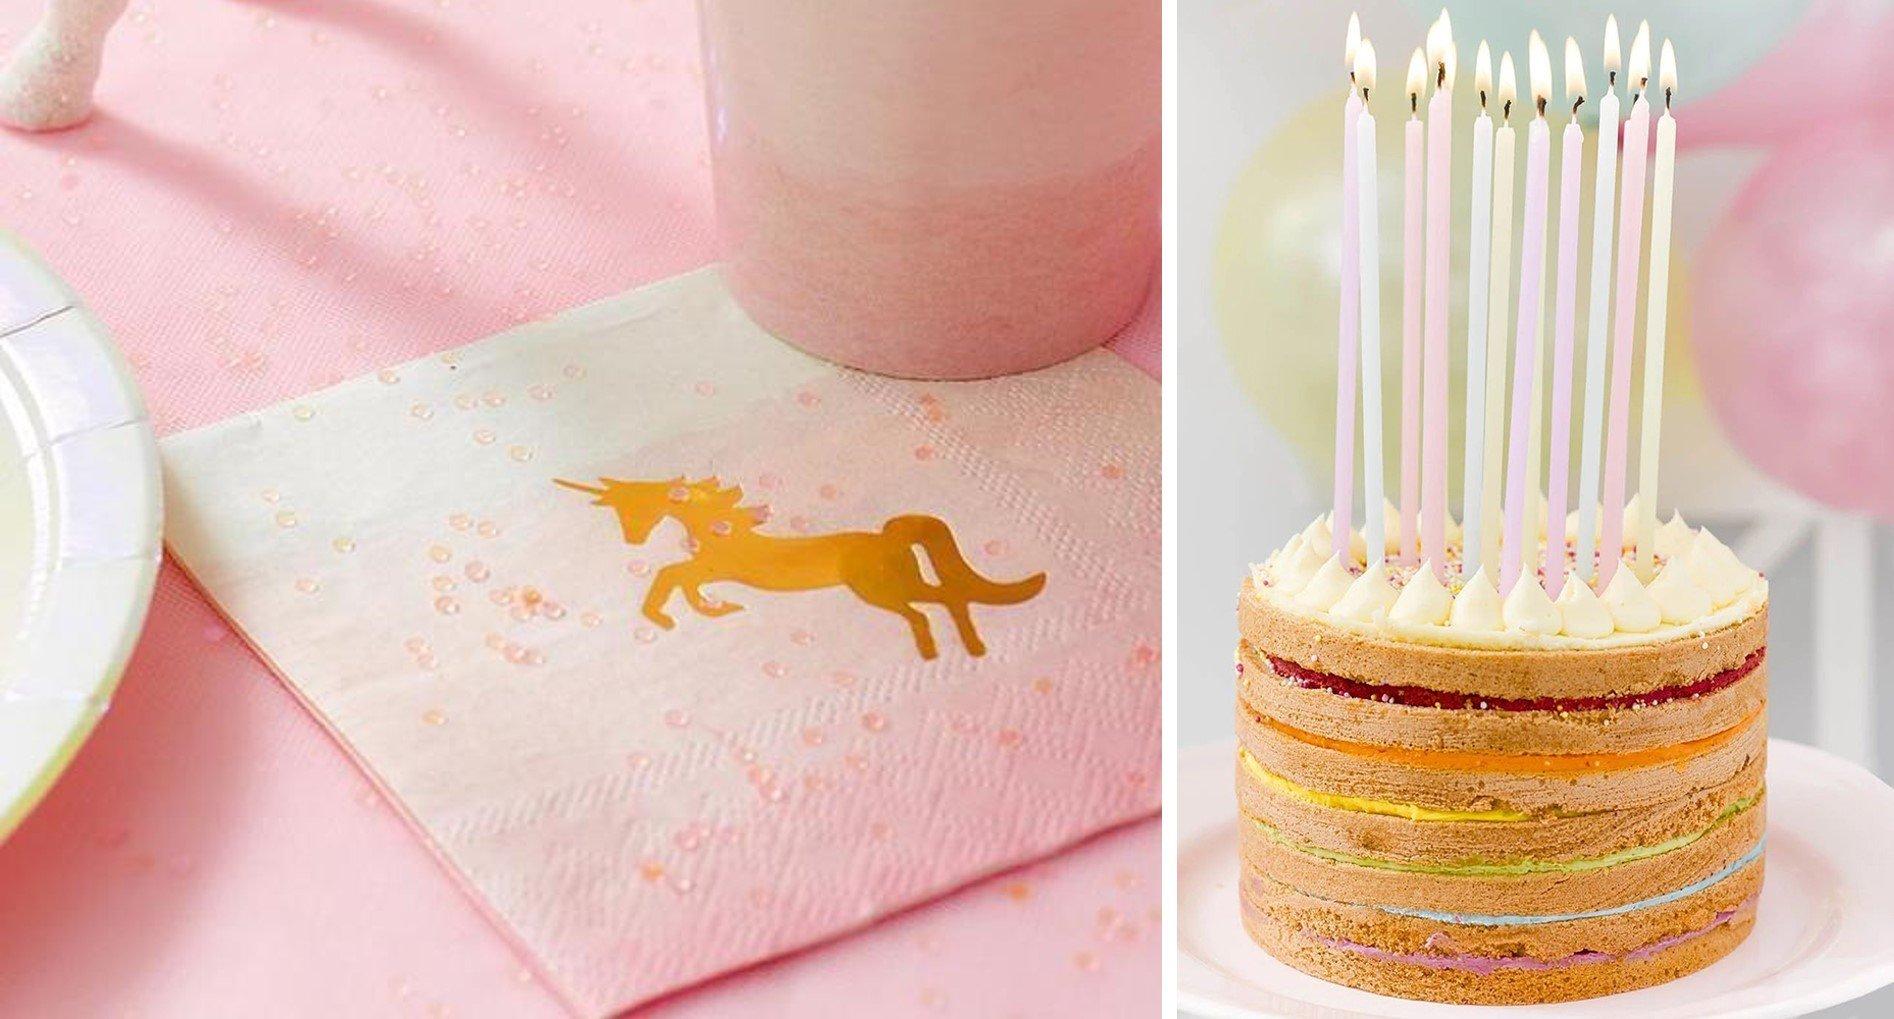 Yksisarvis-servetit pastellinväriset pitkät kakkukynttilät